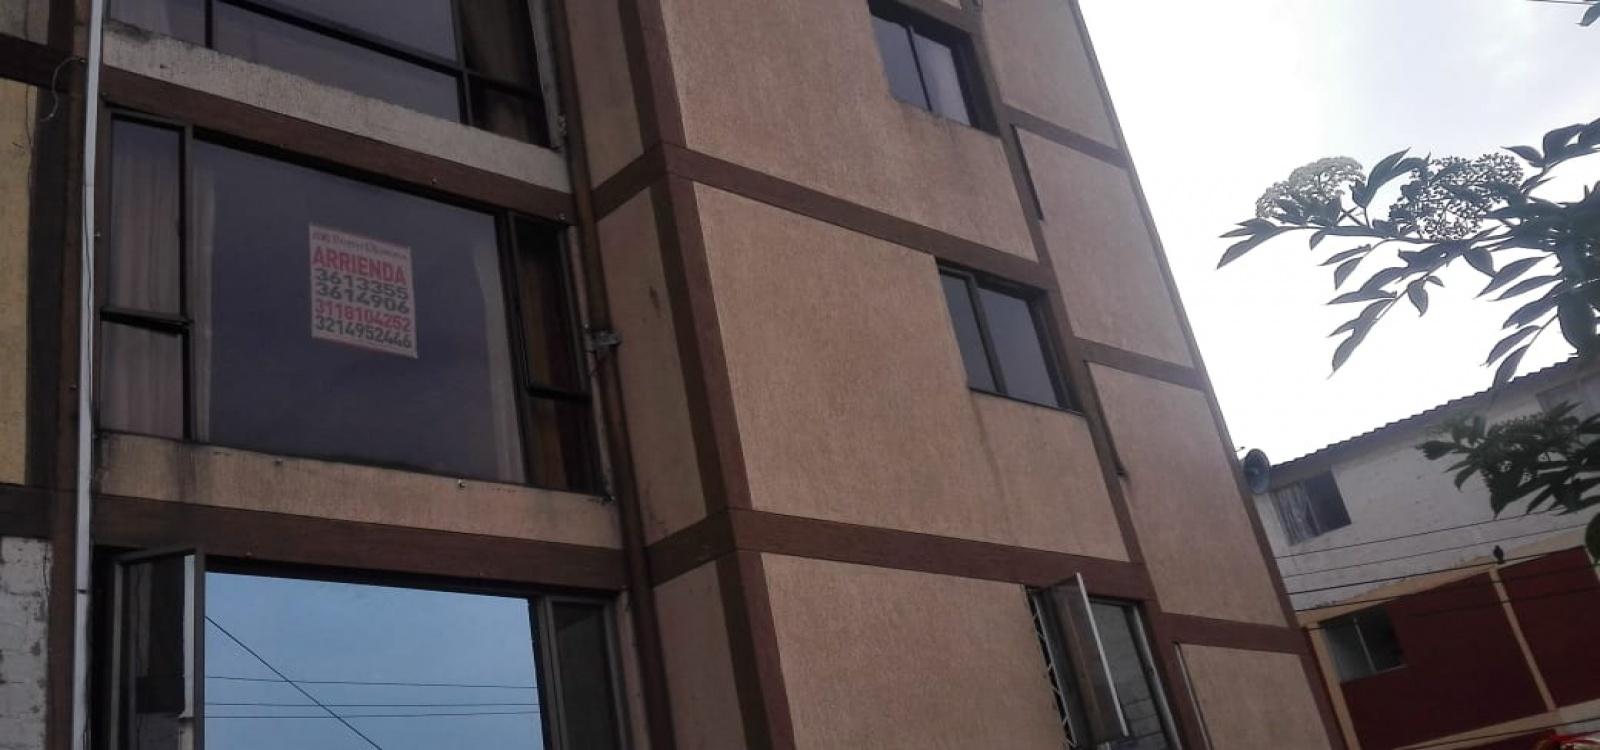 CALLE 48 Q SUR # 2 A 82 48 Q SUR # 2 A 82, Bogotá, Sur, 3 Habitaciones Habitaciones,2 BathroomsBathrooms,Apartamentos,Arriendo,48 Q SUR # 2 A 82 ,2532